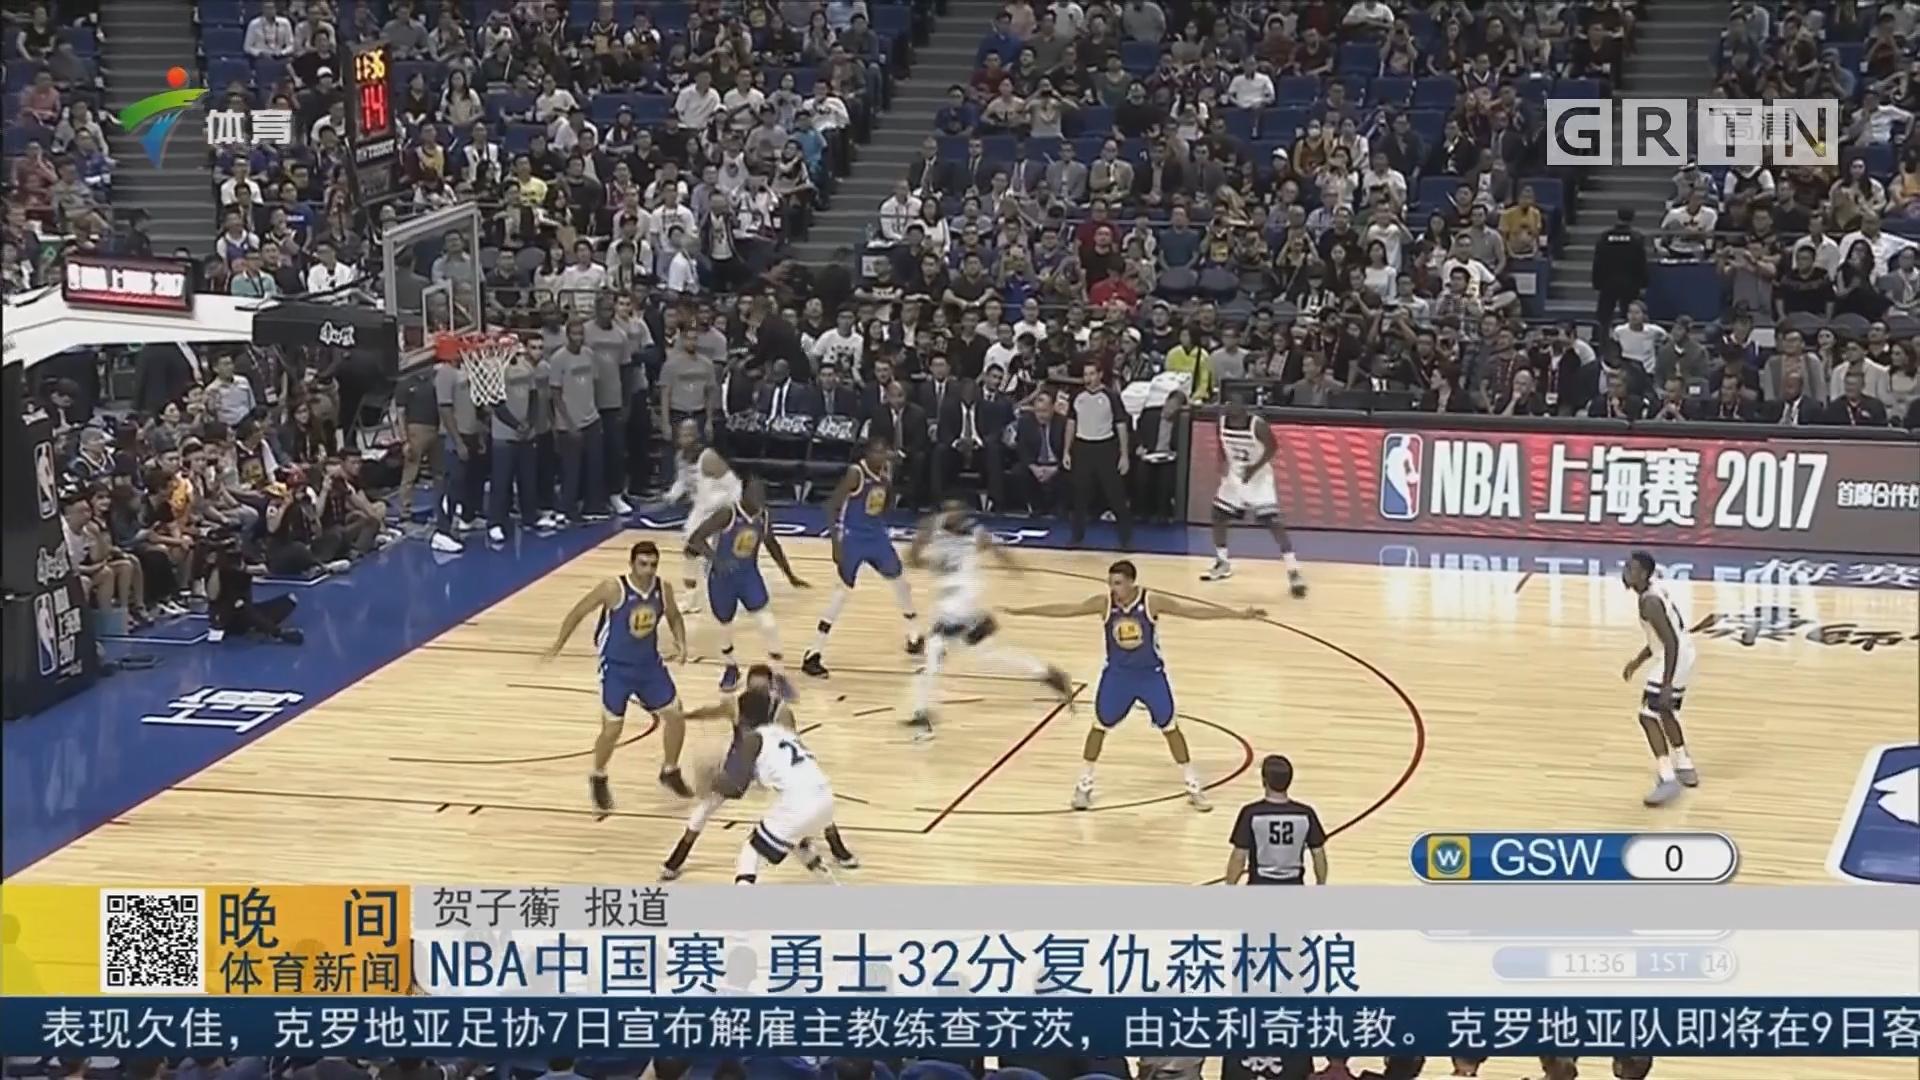 nba中国赛 勇士32分复仇森林狼